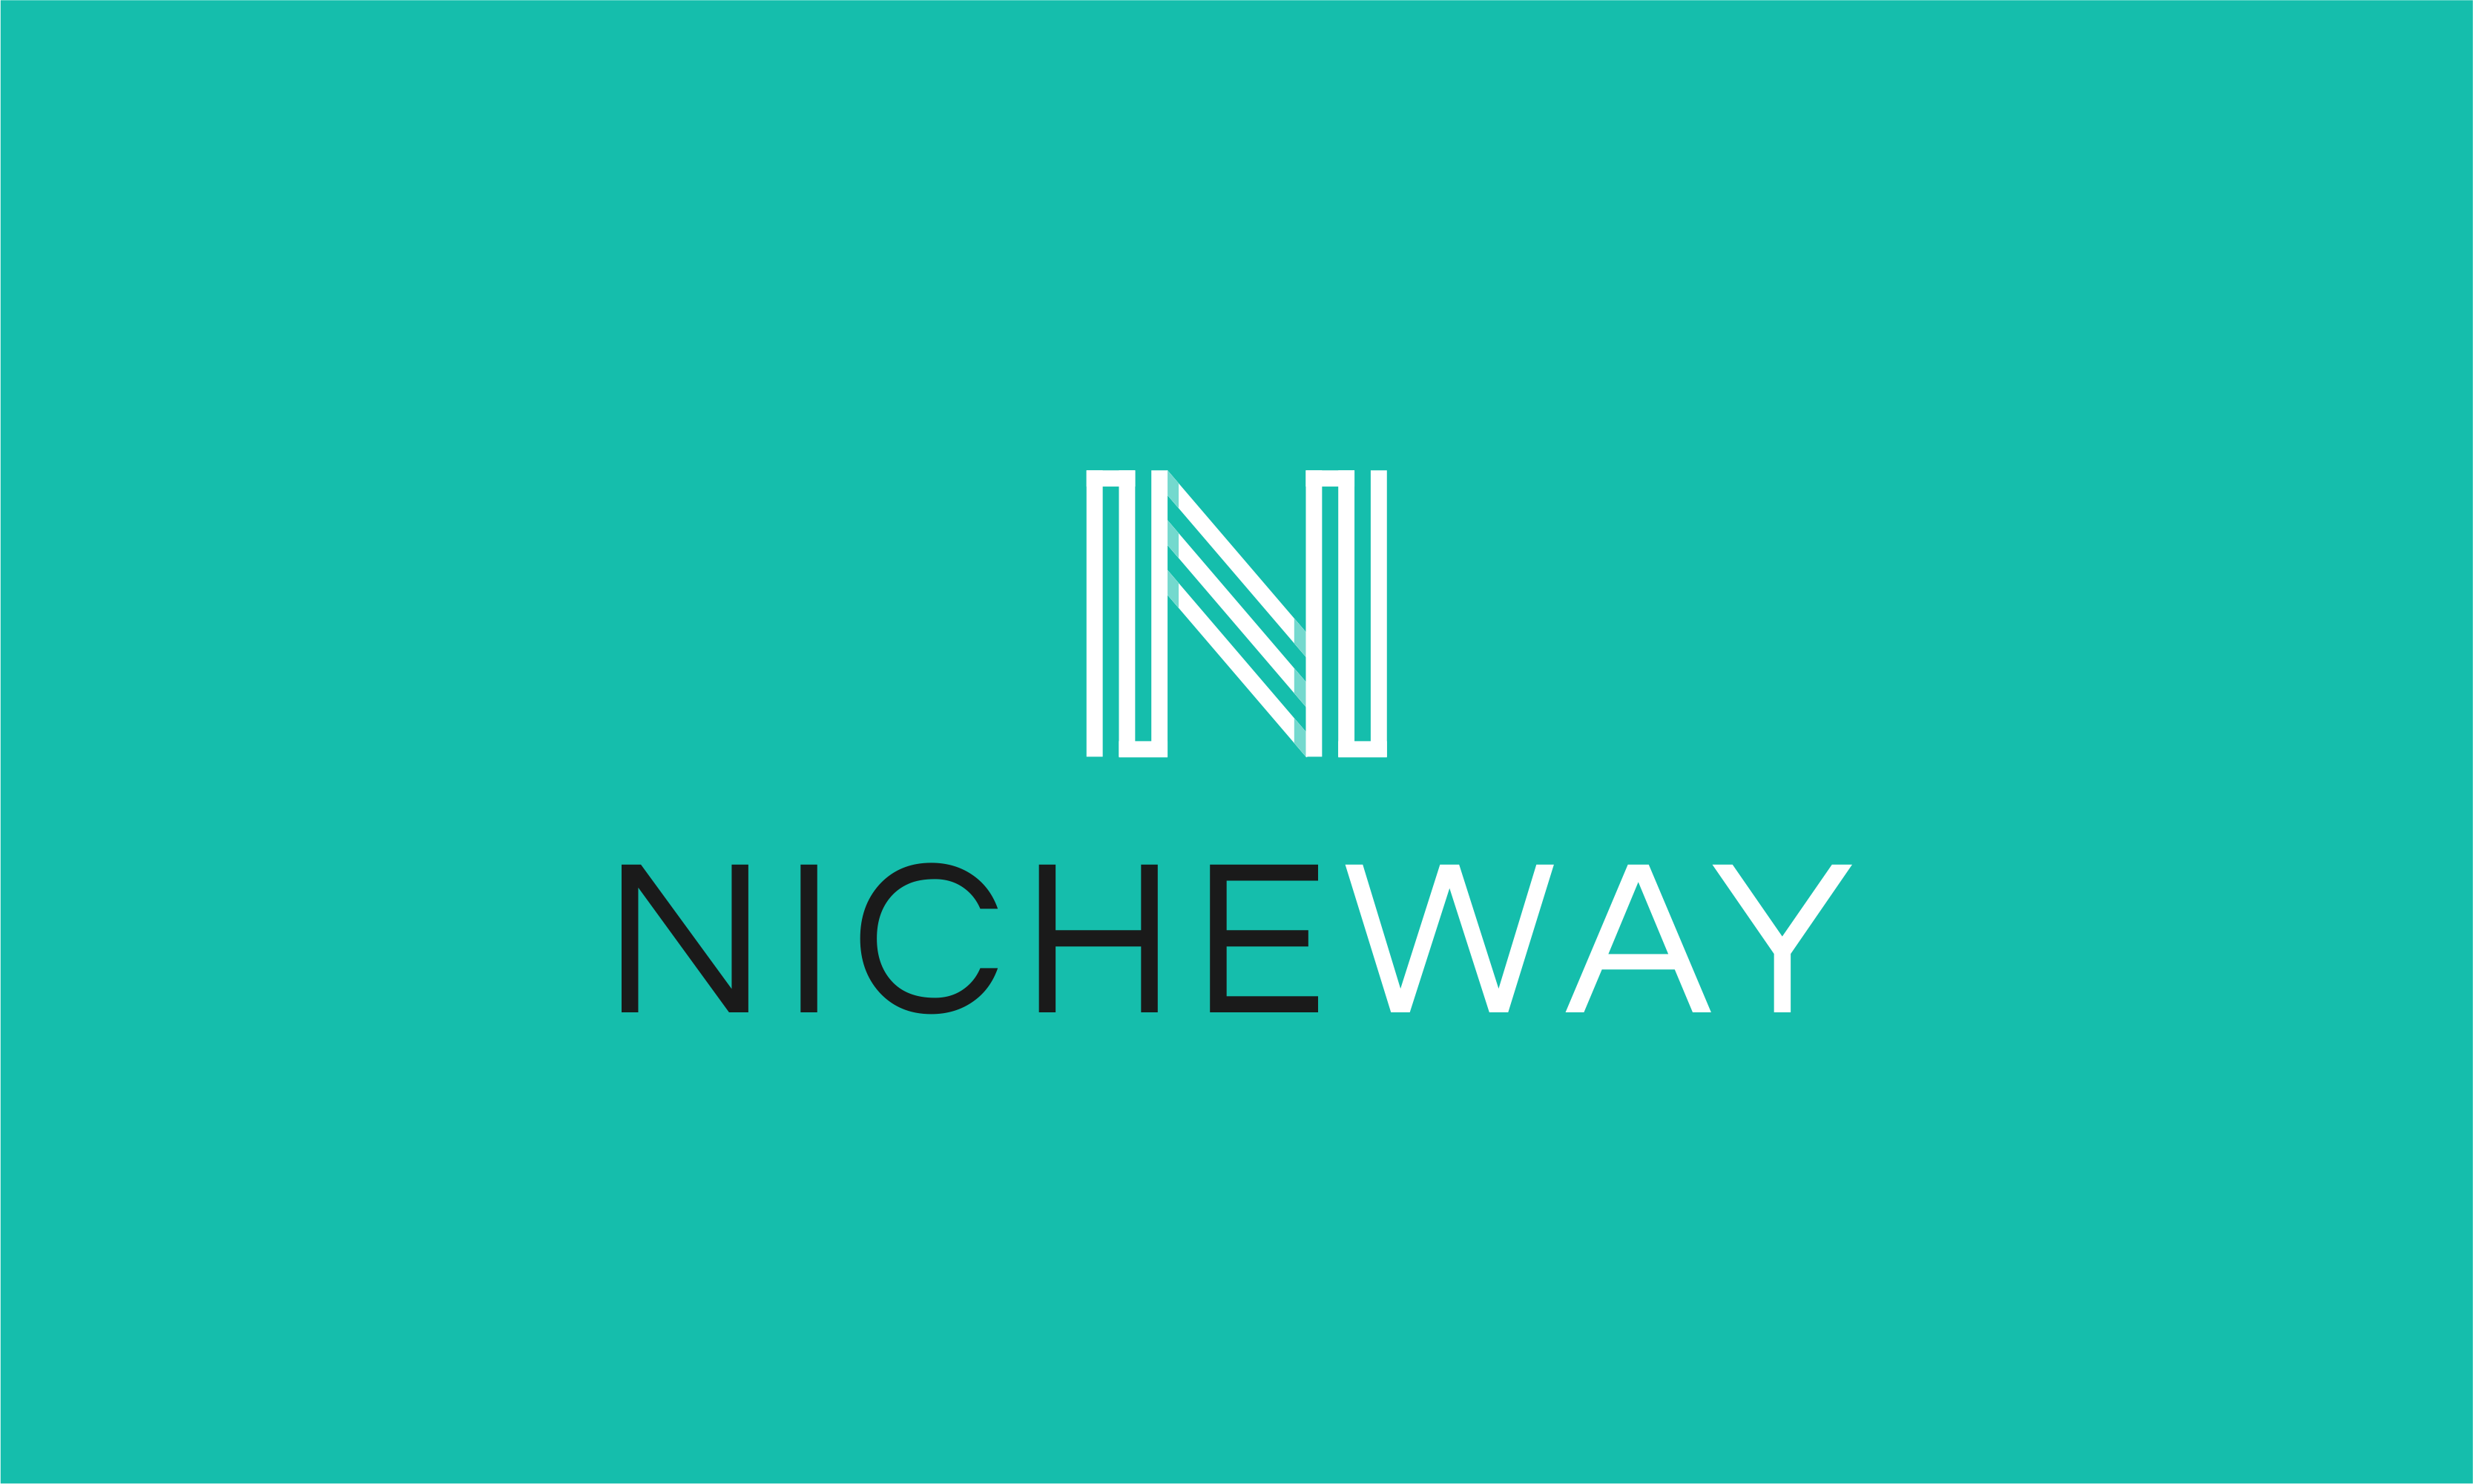 Nicheway